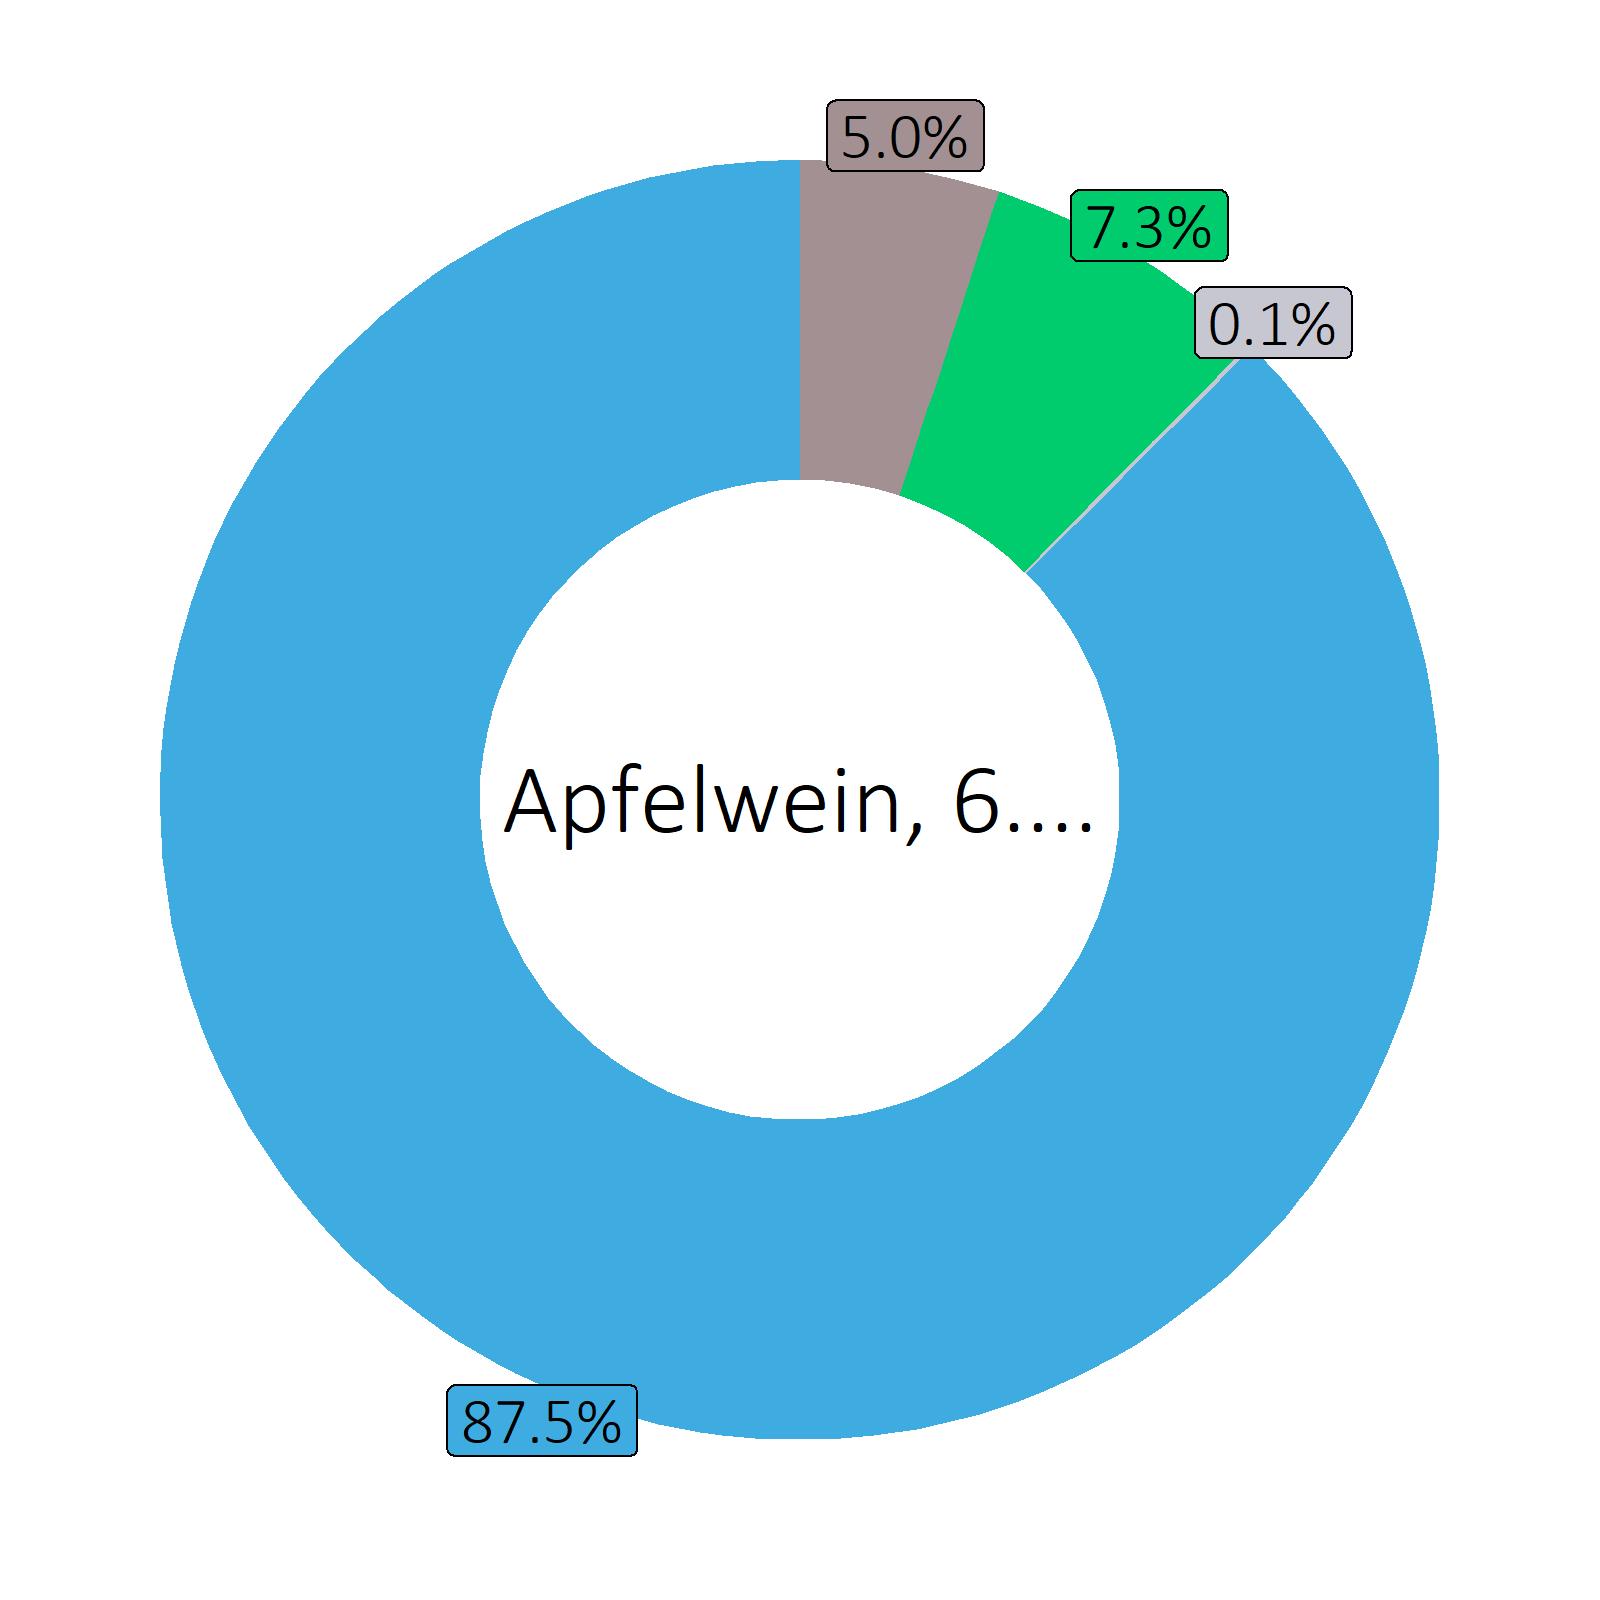 Bestandteile Apfelwein, 6.2 vol%